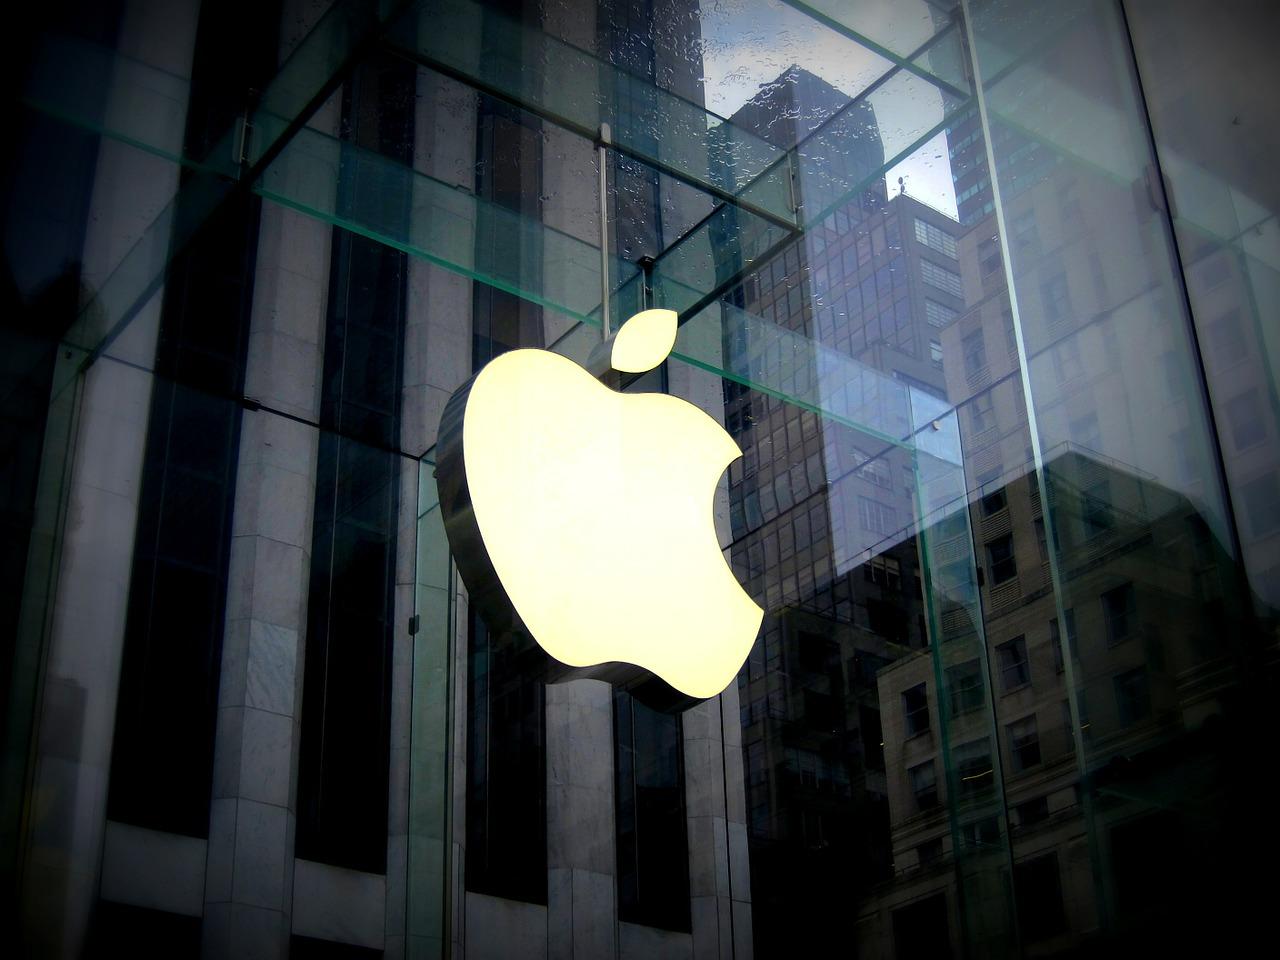 L'organisation Attac a occupé des boutiques d'Apple